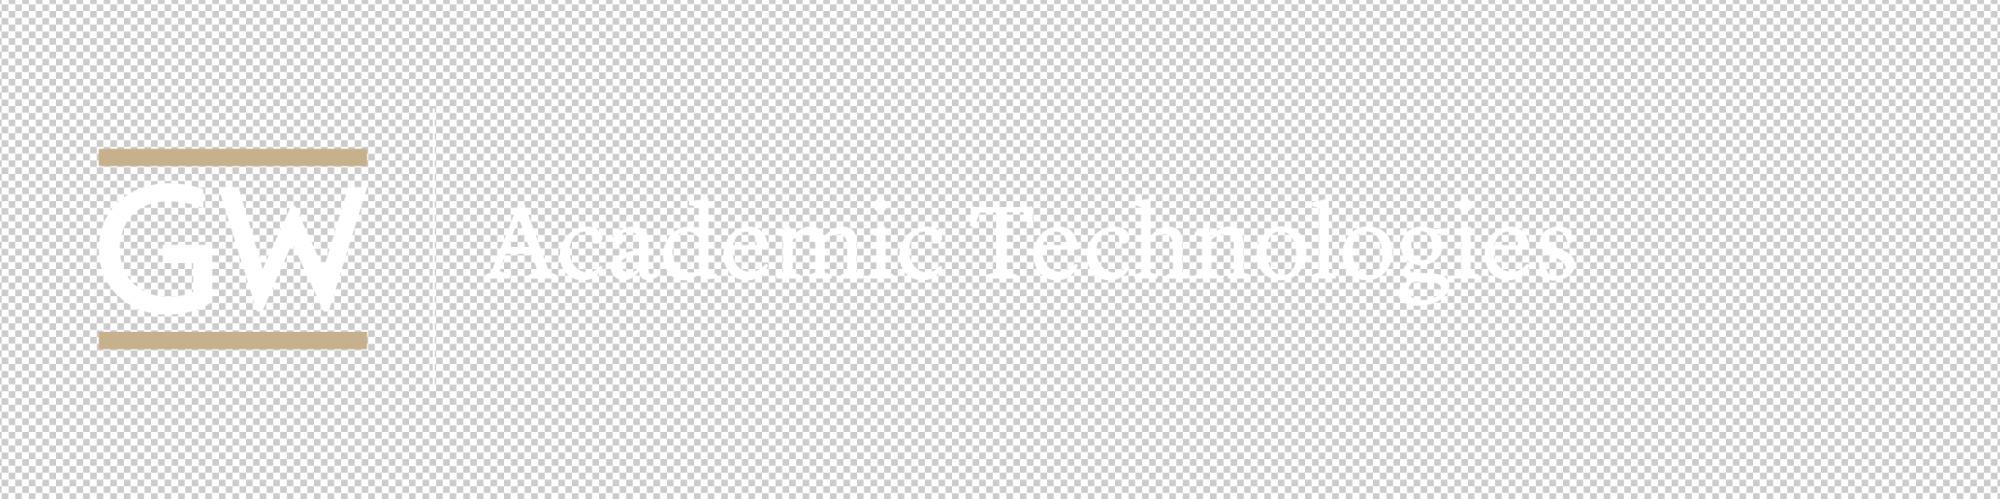 AT logo buff and white